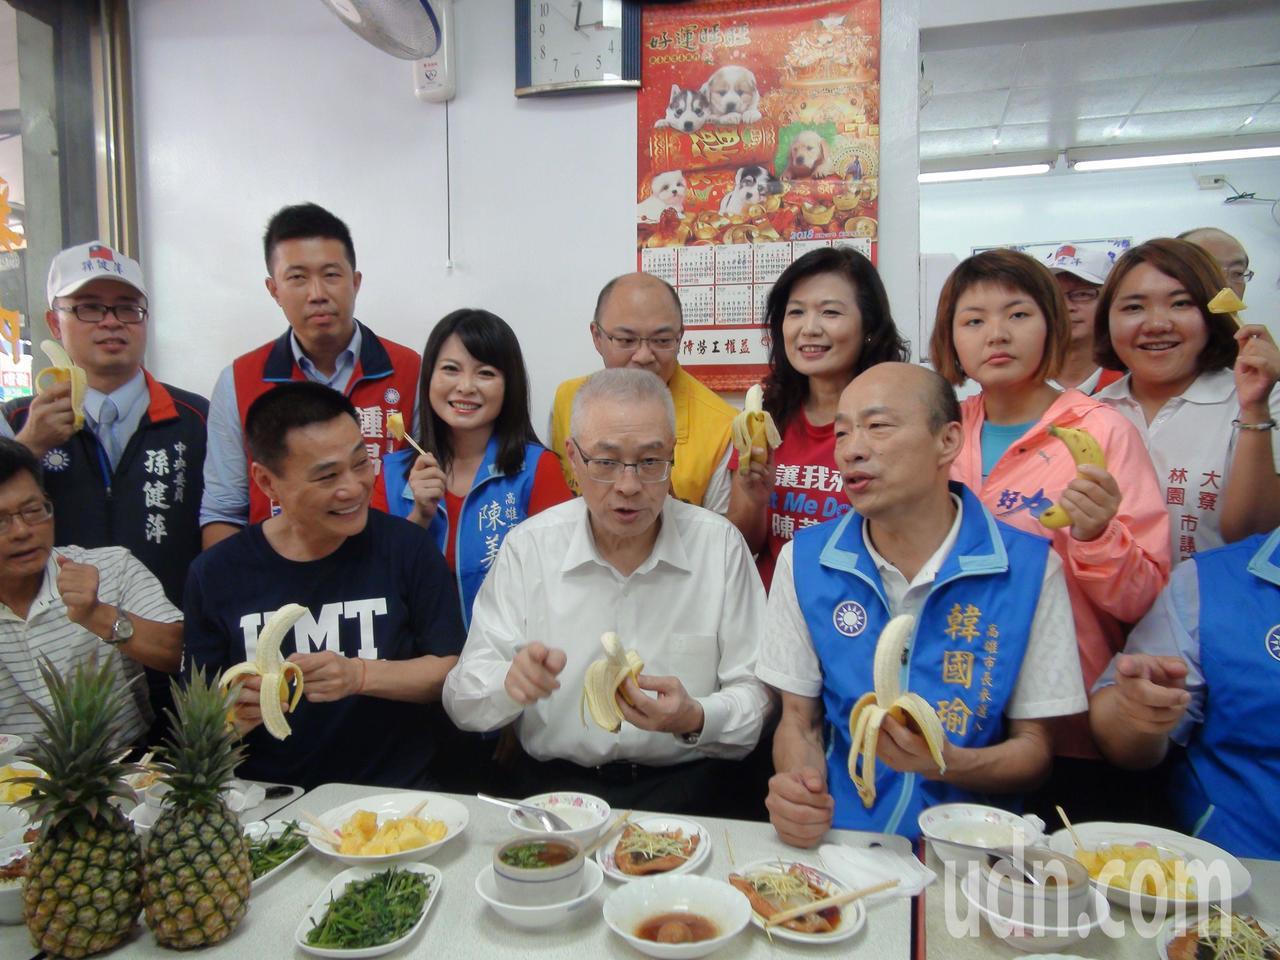 高雄市議會前議長許崑源(前排坐左二)有機會再重掌高雄市議會。圖/本報資料照片